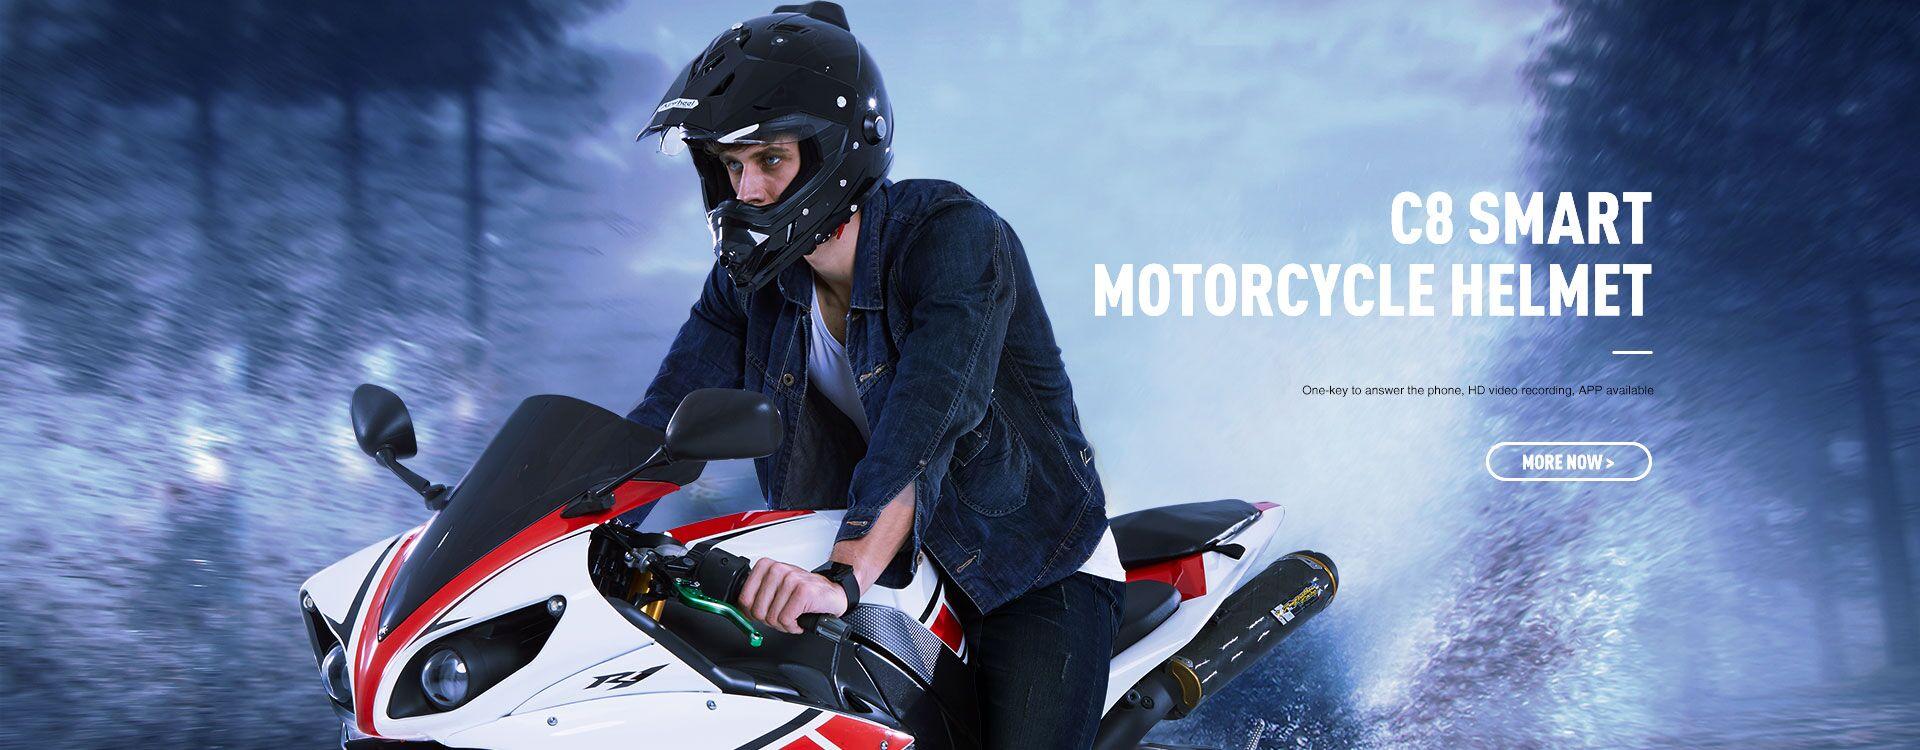 Airwheel-C8-smart-motorcycle-helmet-for-sale